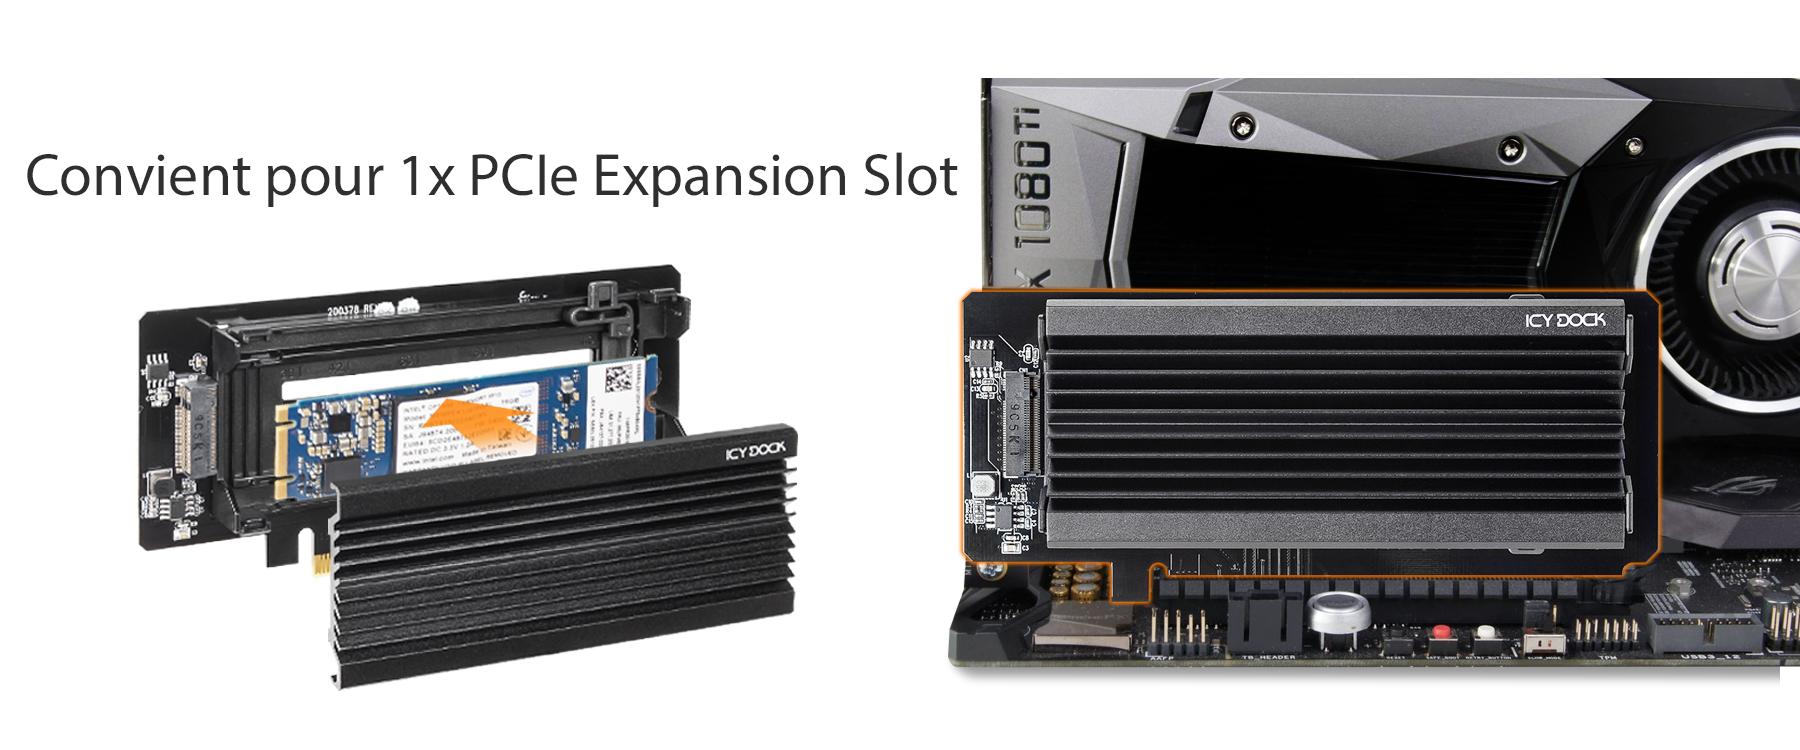 Photo montrant la compatibilité avec un emplacement d'extension PCIe